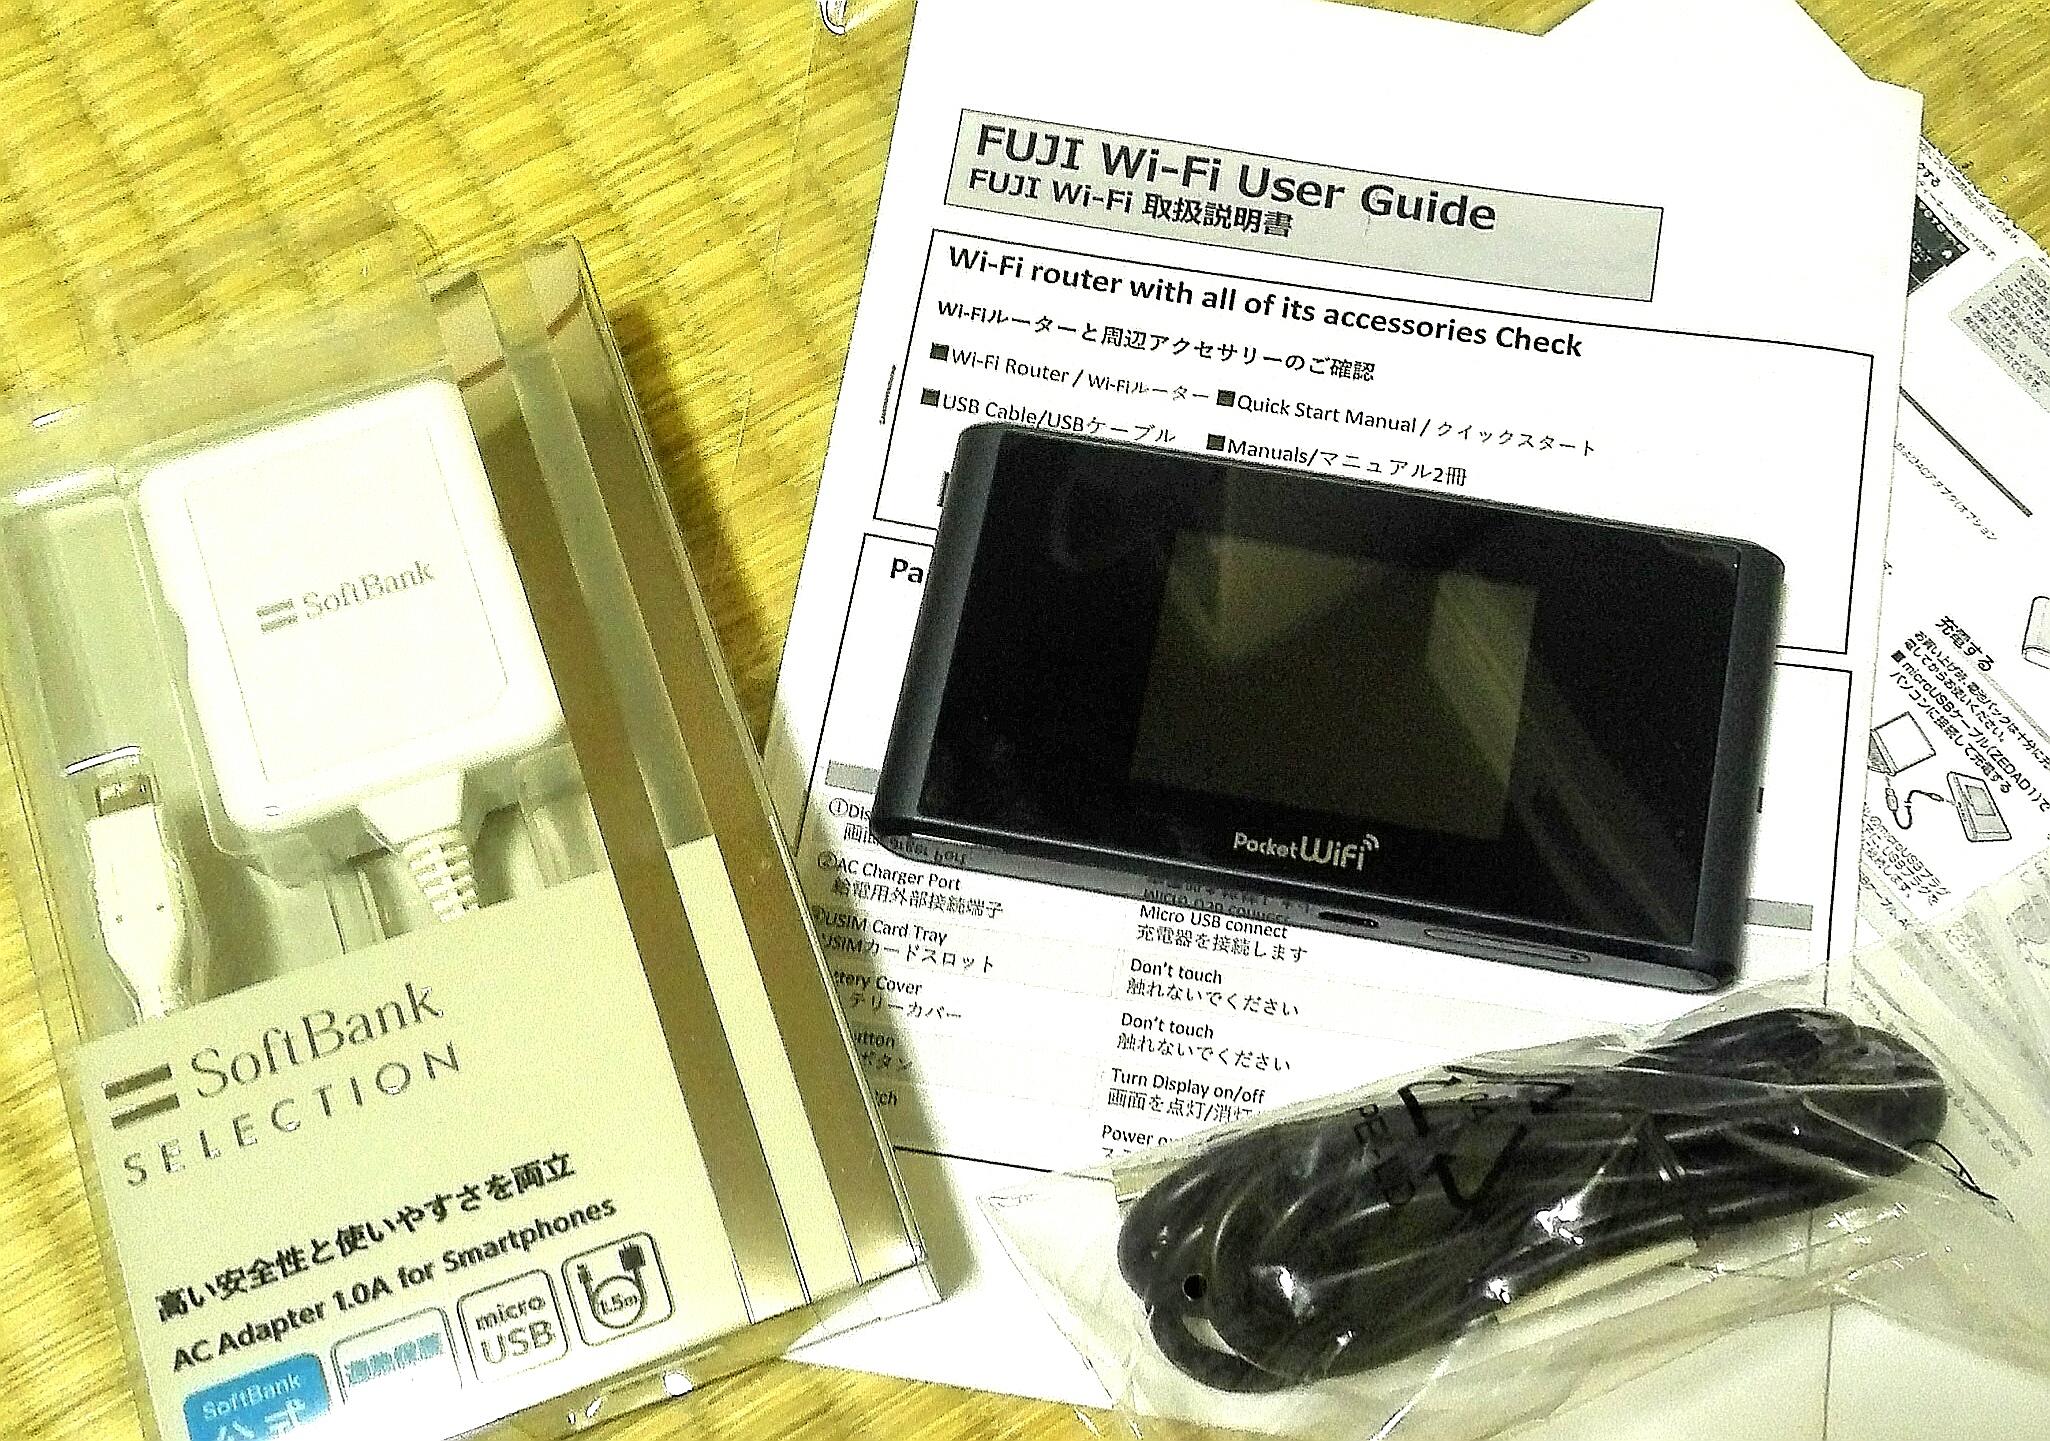 ジャパンネット銀行のVISAデビットカードでFUJI Wifiに申し込む